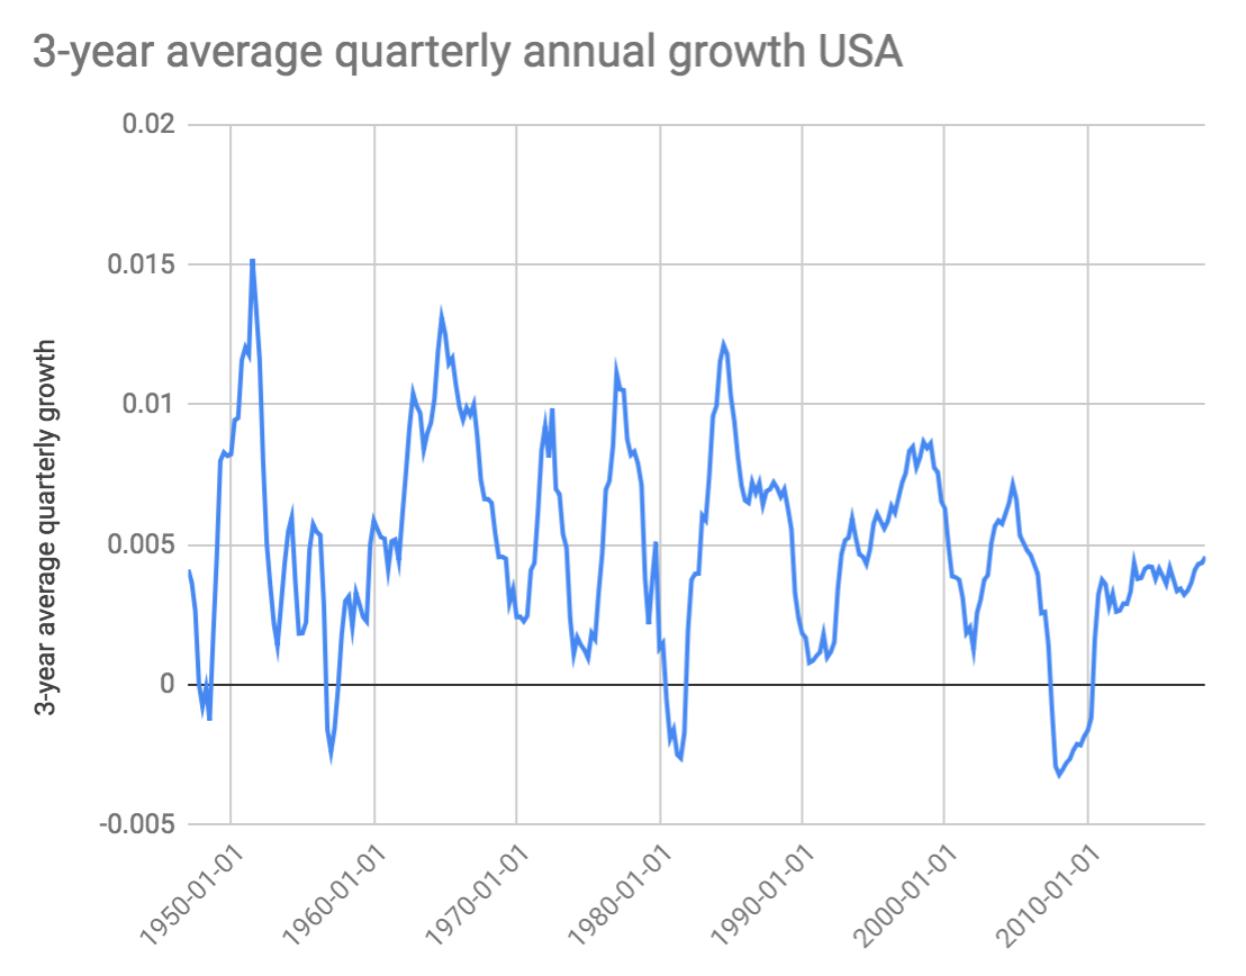 Crescimento do PIB per capita dos EUA